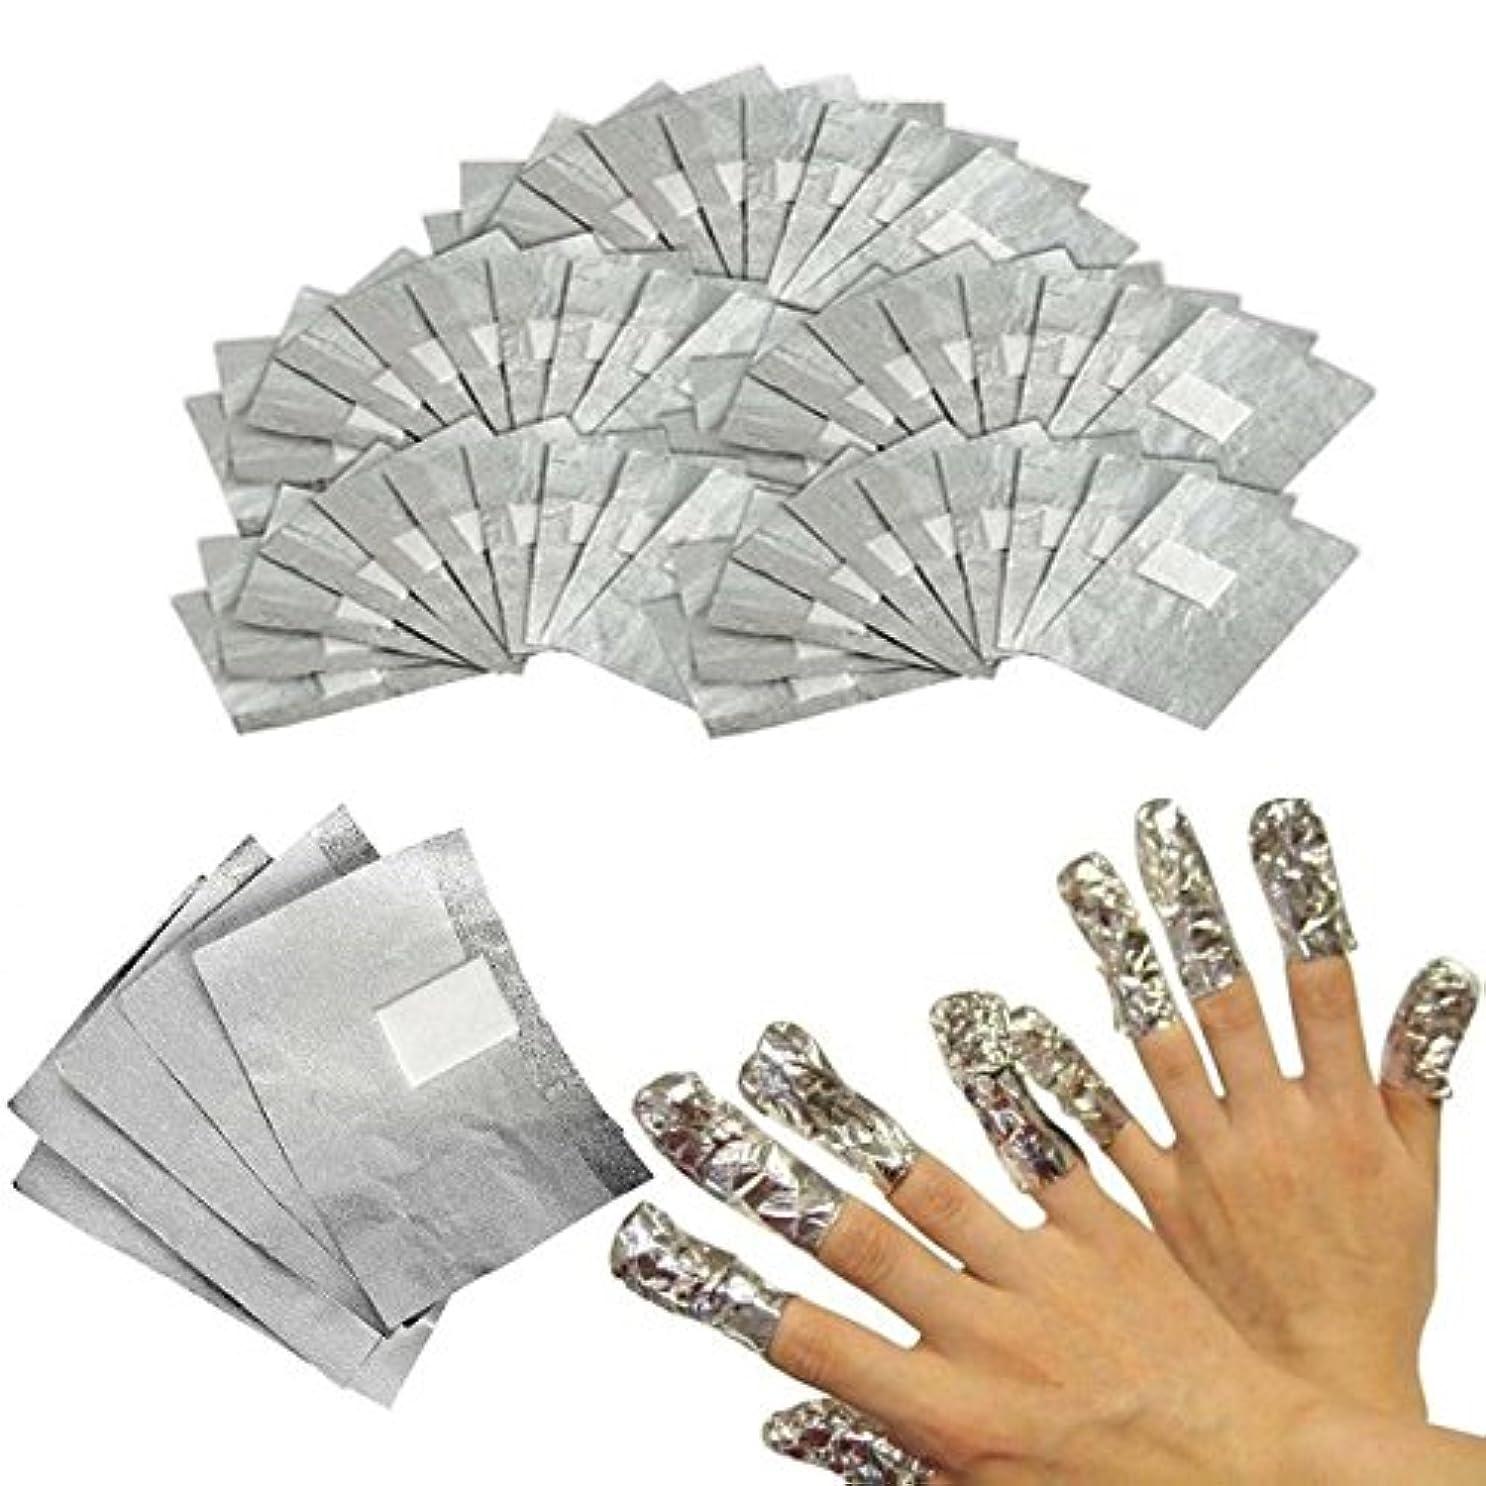 若さそっとチョークElitlife 200枚セット アクリルUVジェル ネイルポリッシュをきれいにオフ コットン付きアルミホイル 素敵な在宅ゲル爪マニキュア用品